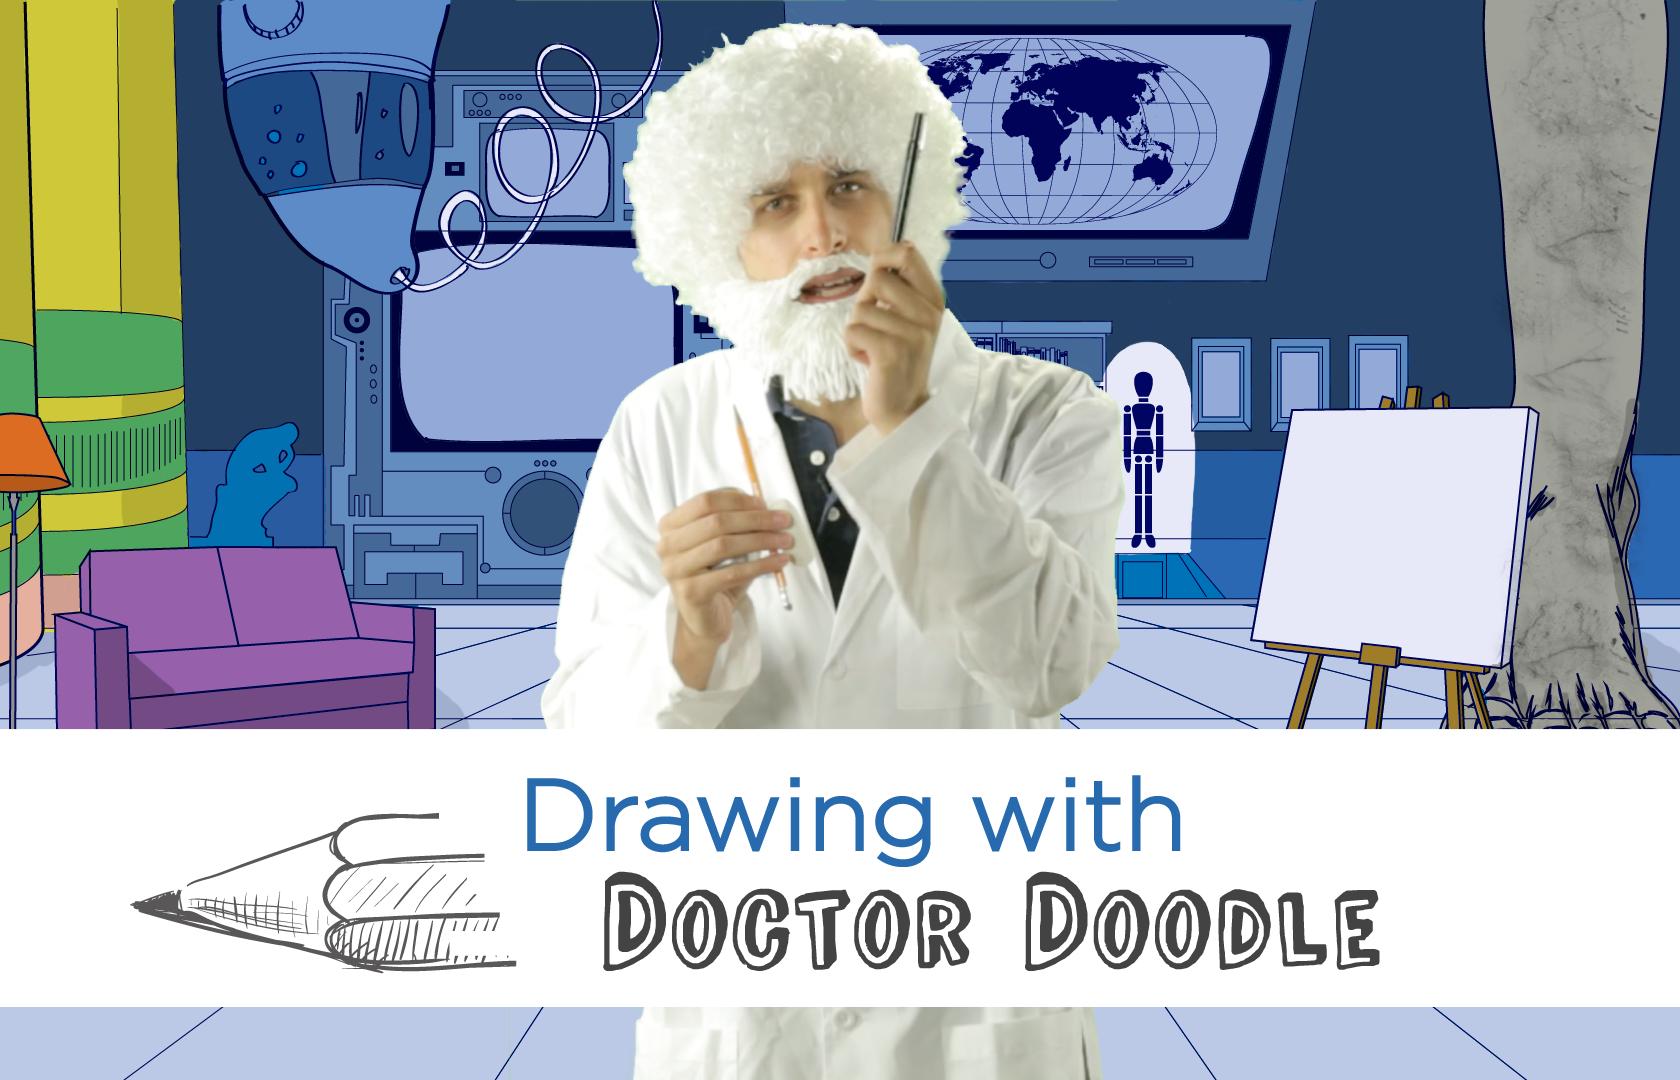 doctordoodleportfolio